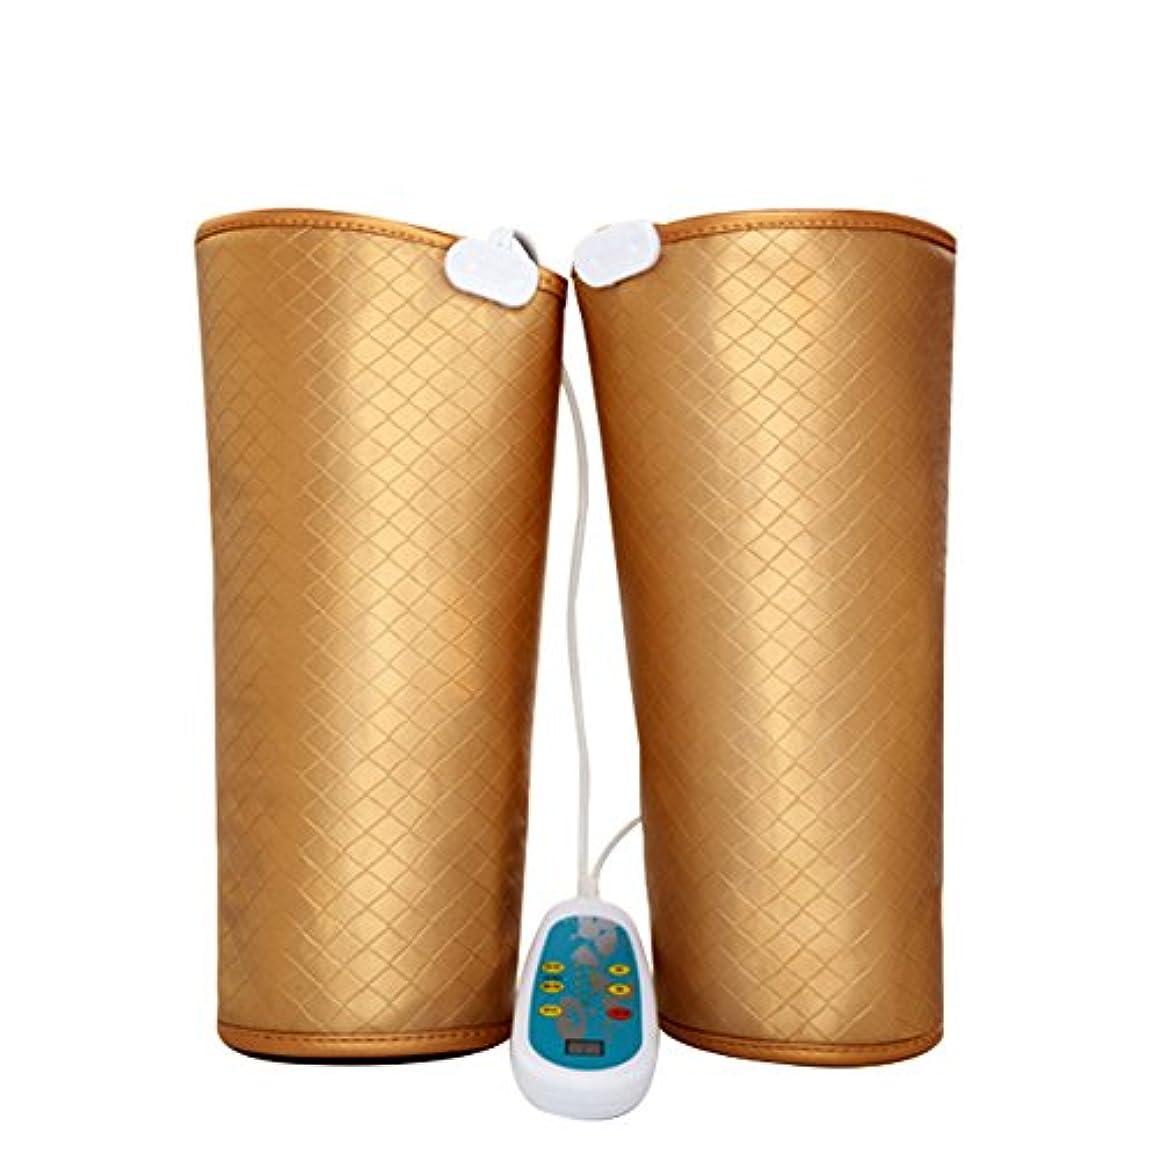 クラブ敬の念たくさん電気マッサージ、膝の保温、男女通用、マッサージ機、膝と足を加熱してマッサージします